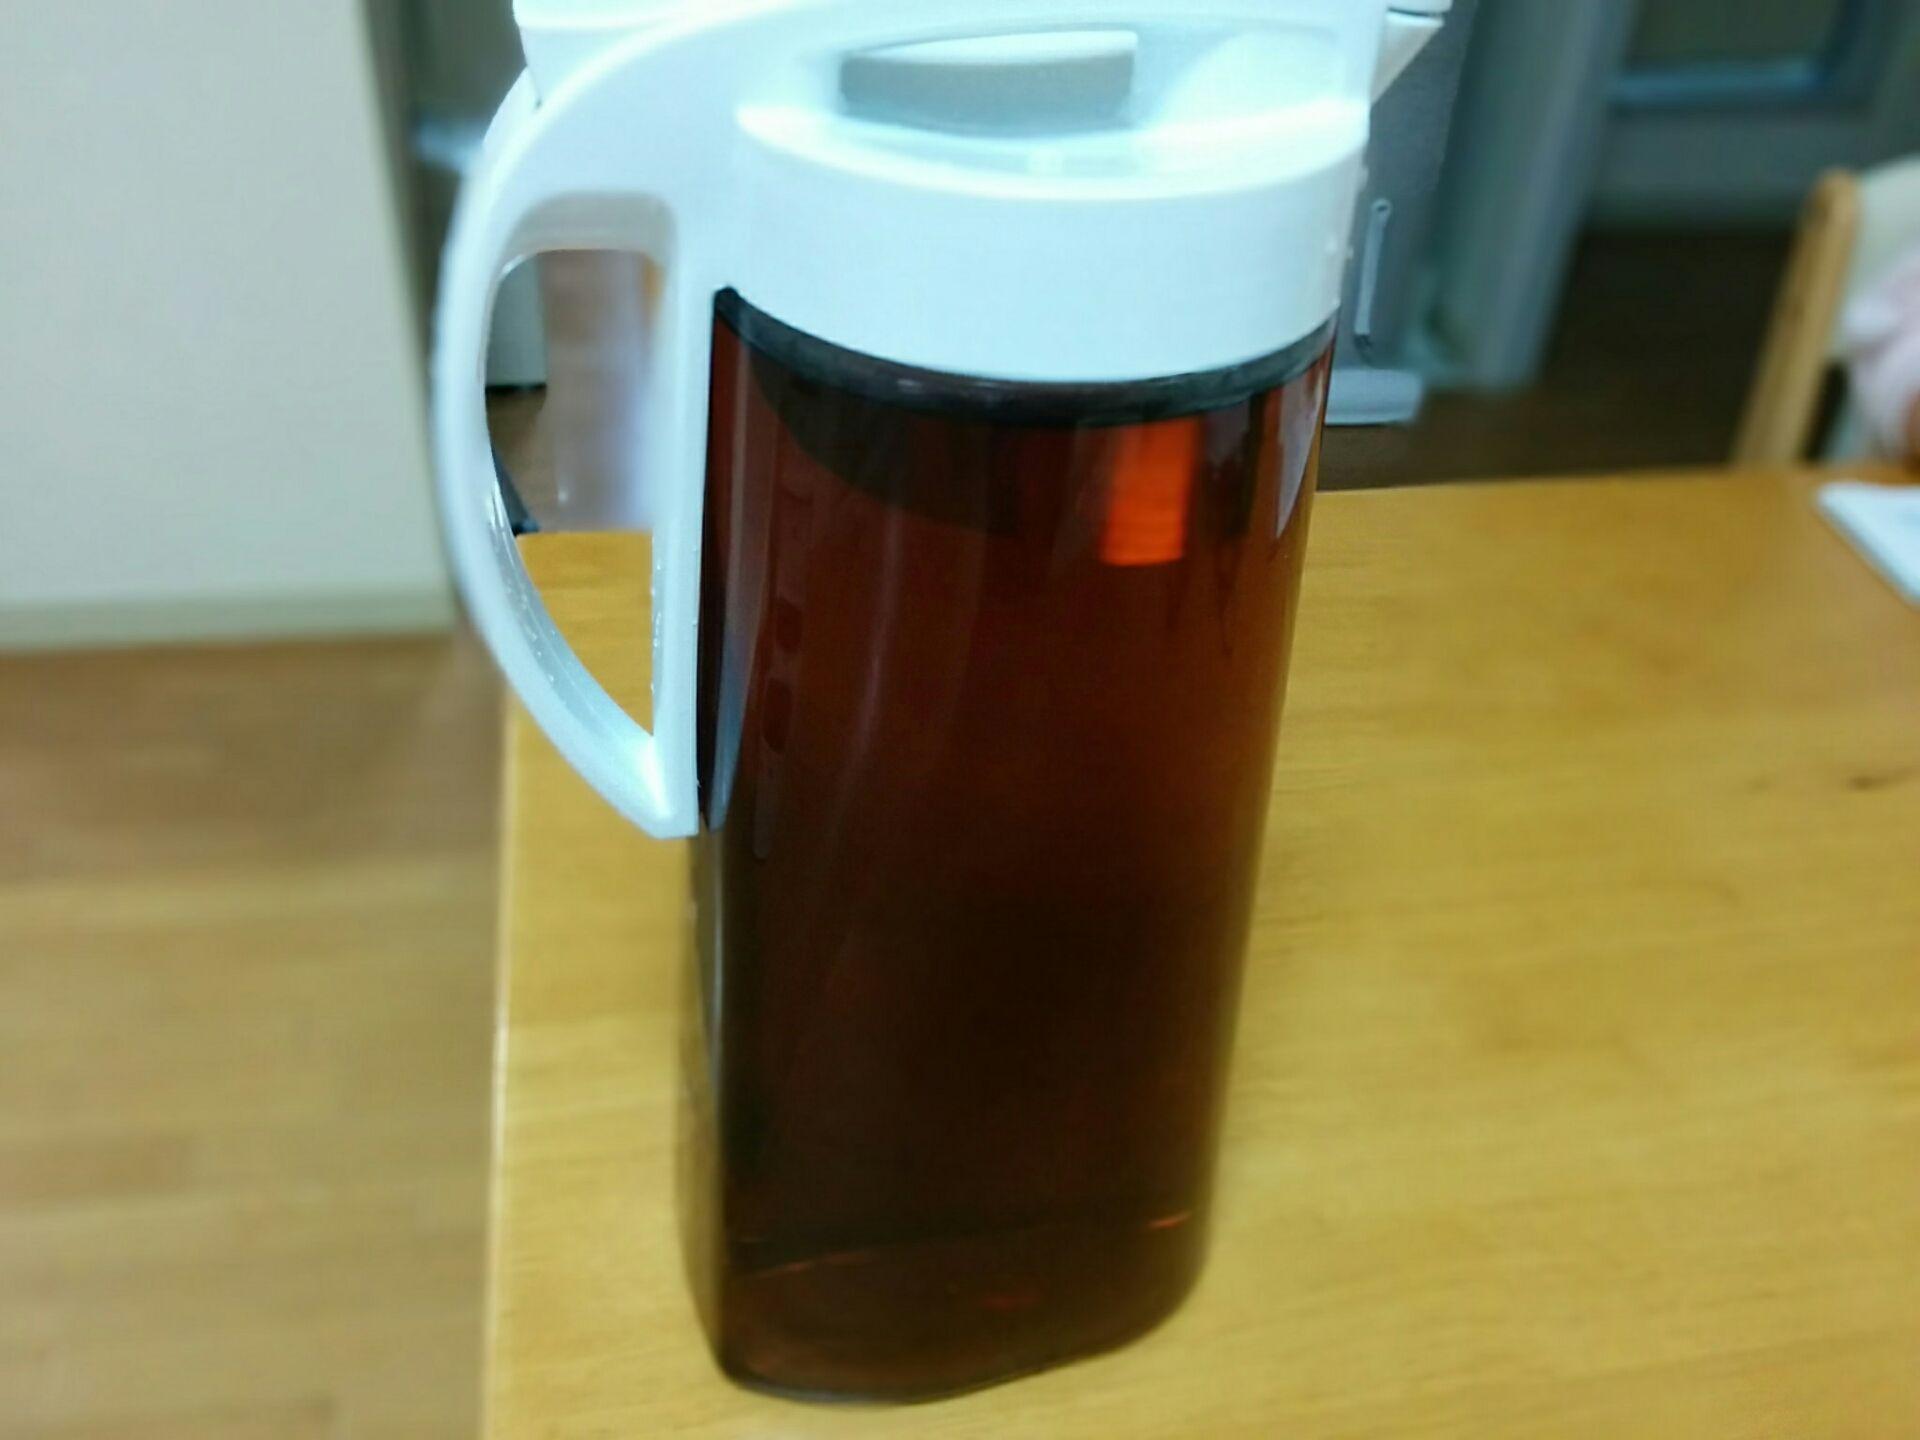 煮出した麦茶入れに使っていました。 過去記事《今さらだけど冷水筒買い替え》